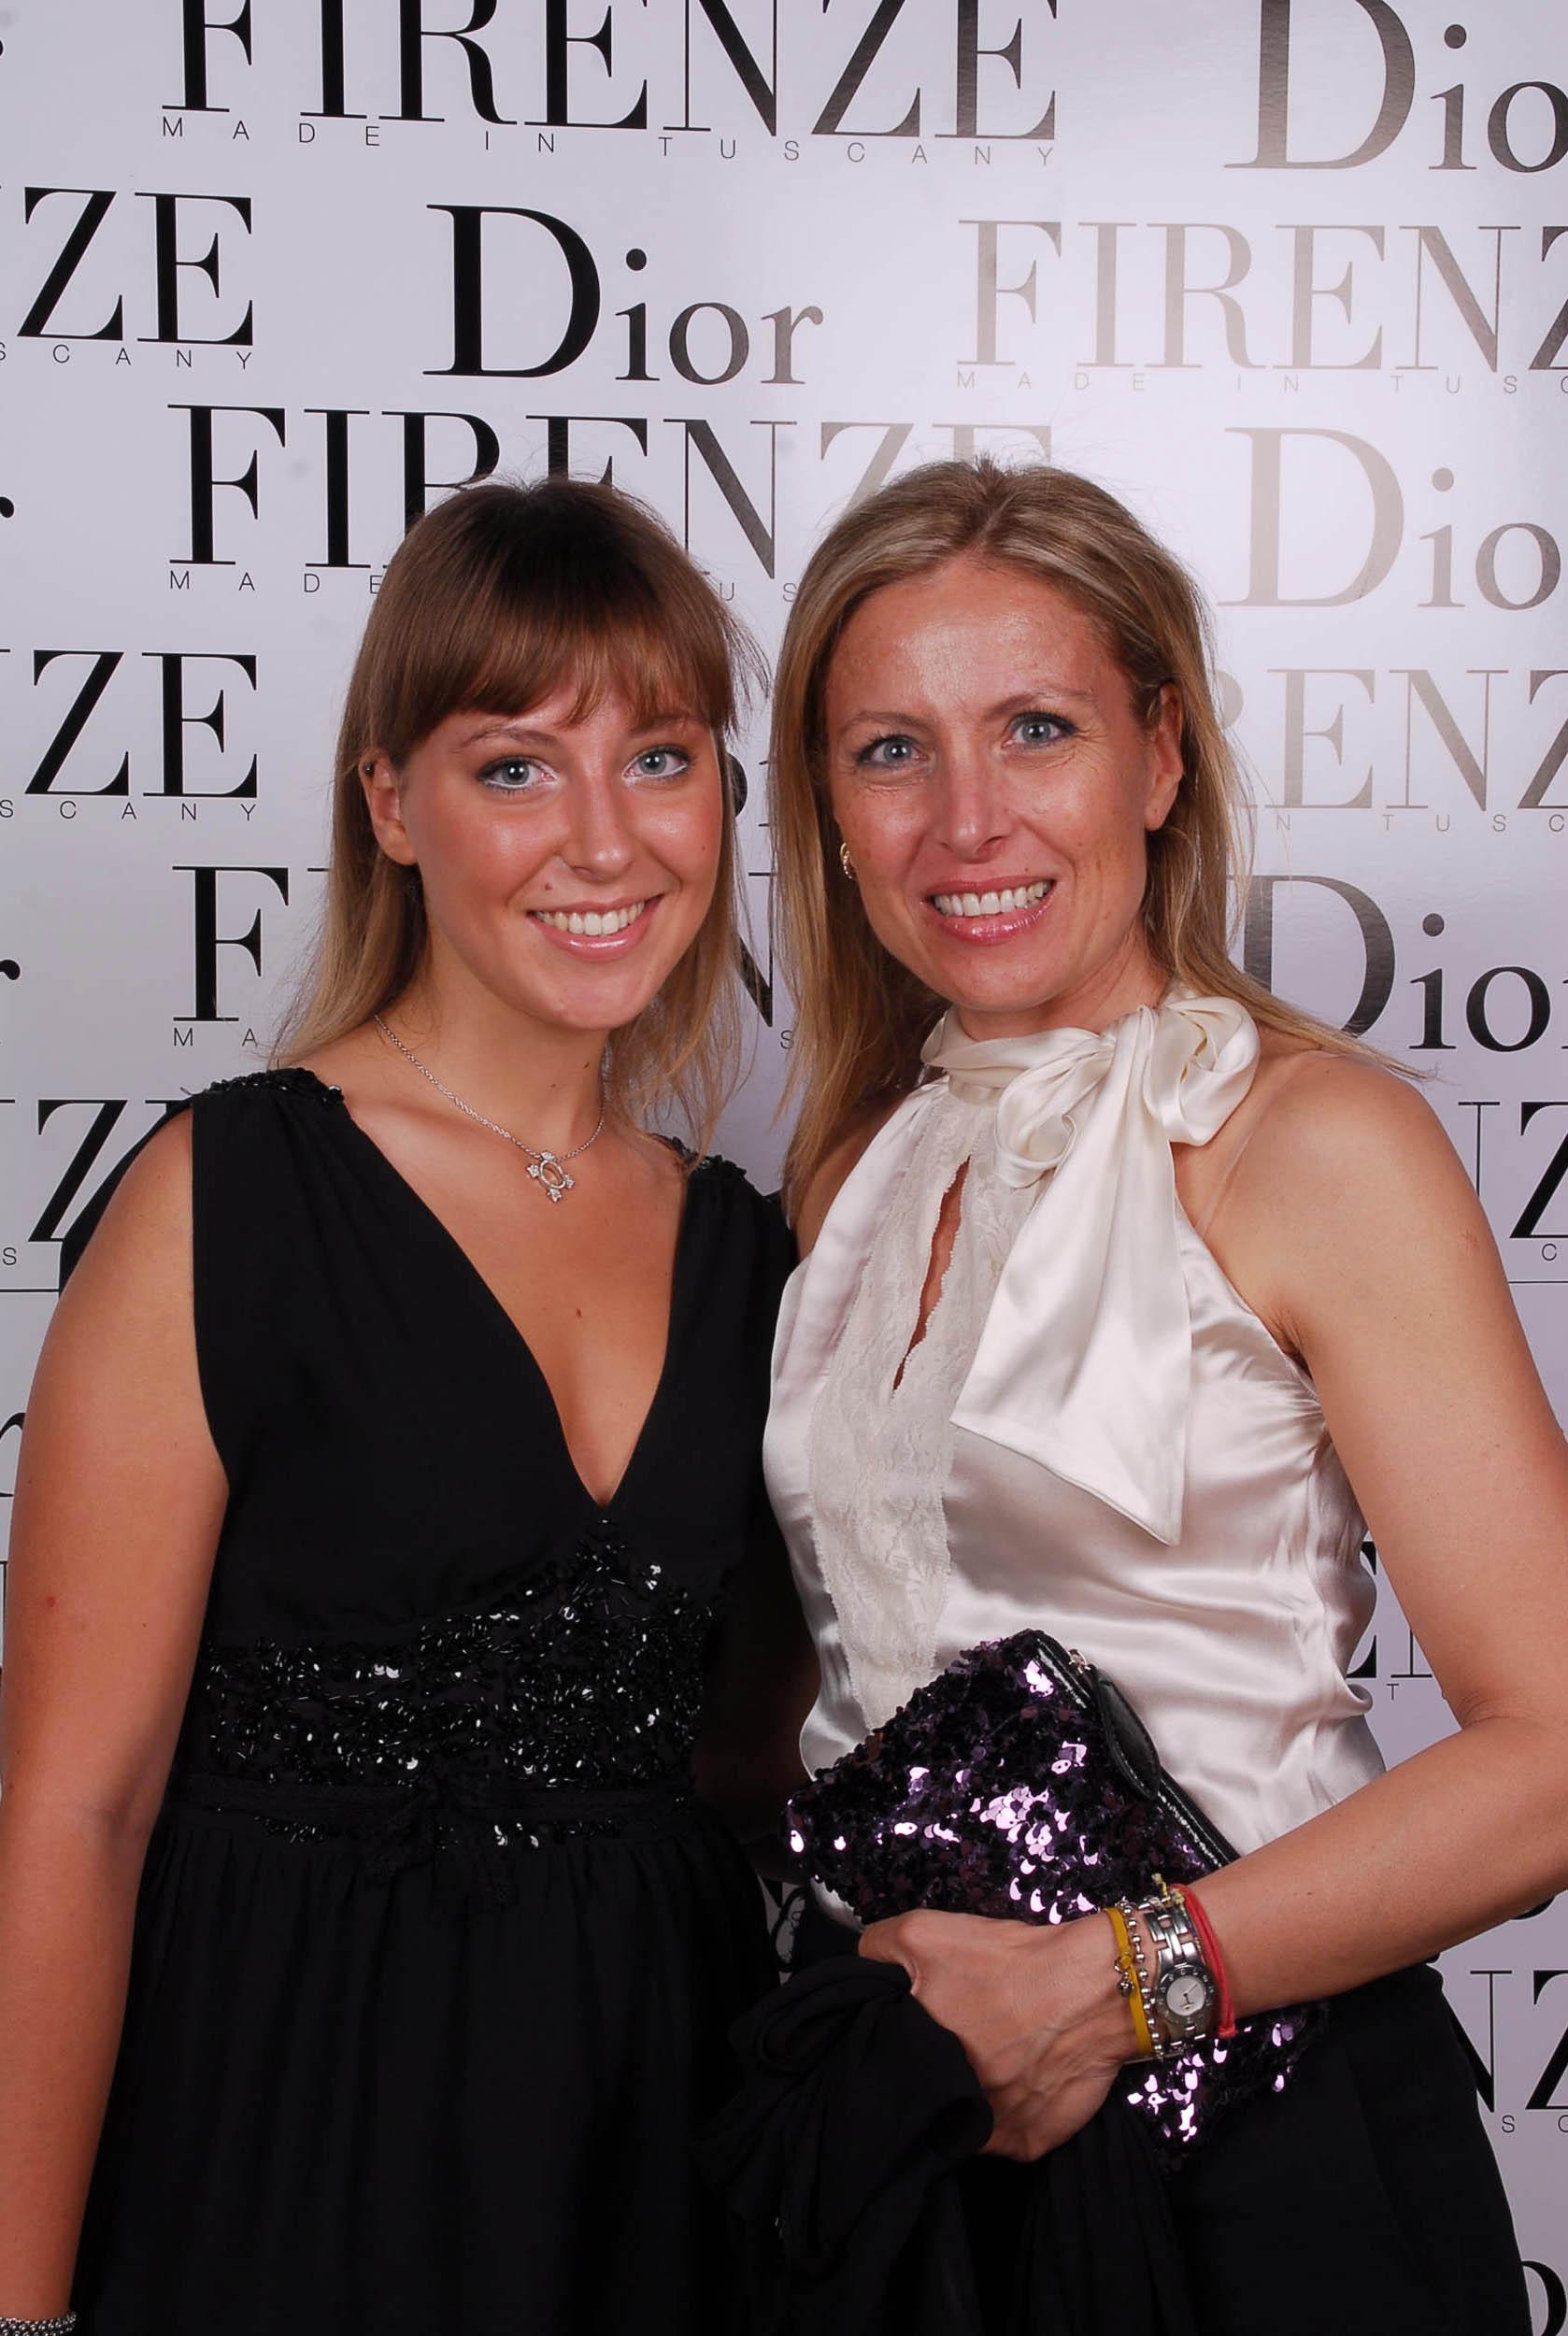 PRESSPHOTO  Firenze, evento Dior al teatro romano di Fiesole. Nella foto Carolina Prizzi e Gabriella Cappelletti